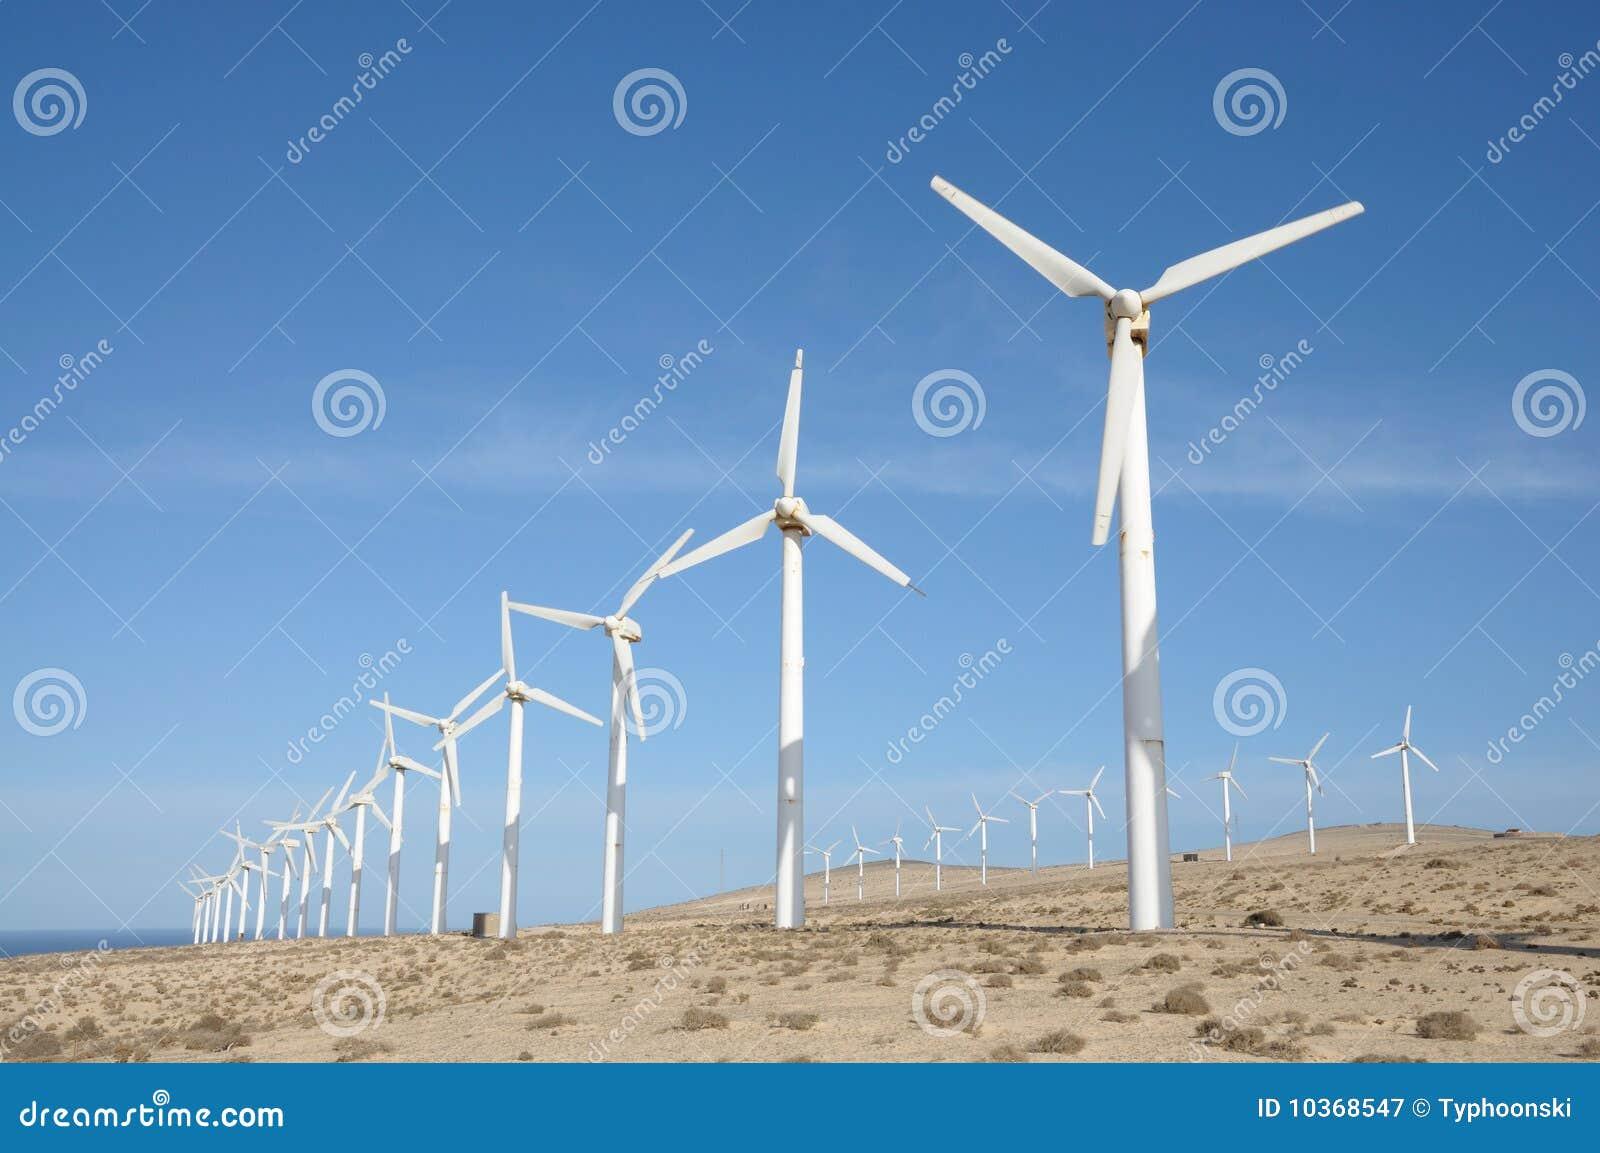 Windturbinen für erneuerbare Energie